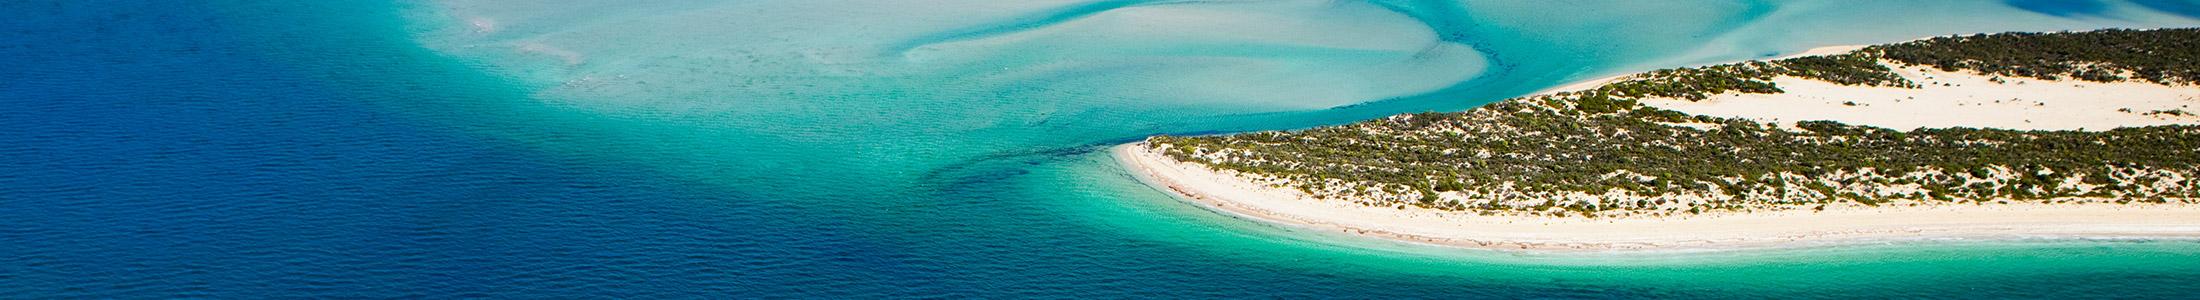 Regional Development Australia Eyre Peninsula